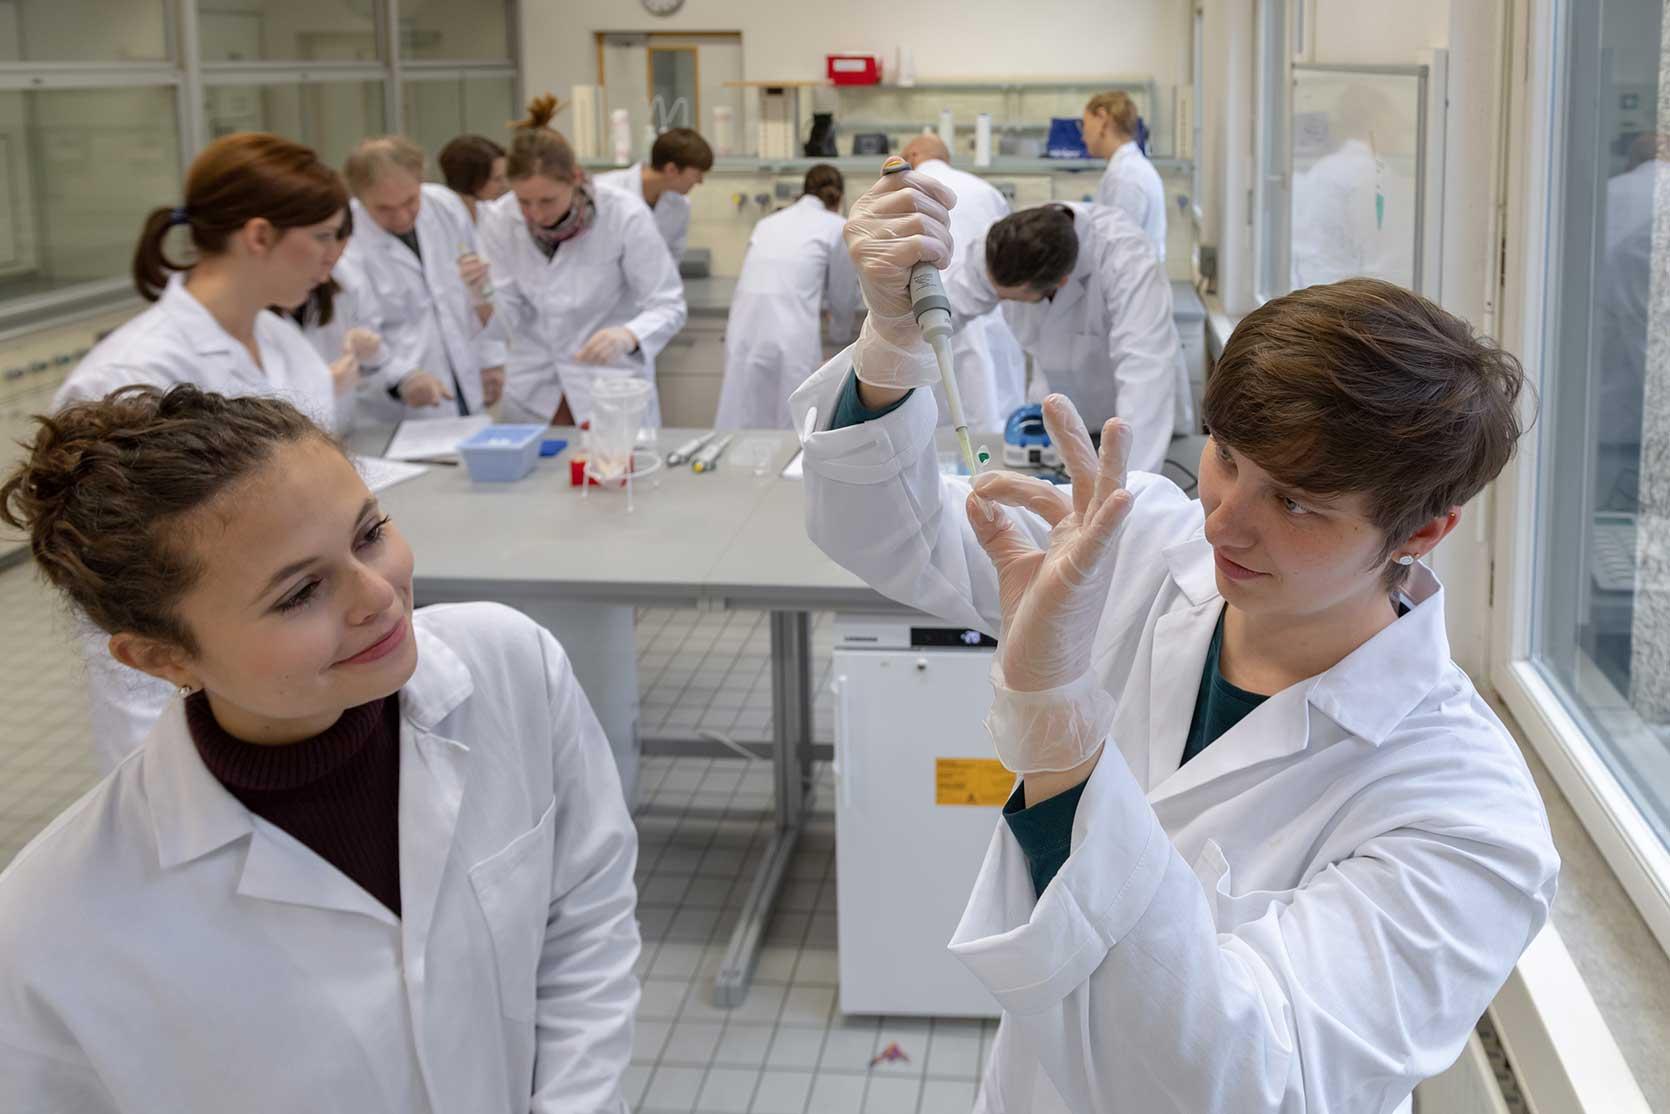 Studenti di insegnanti e di scienze: da oggi i laboratori di biotecnologie a scuola sono anche digitali